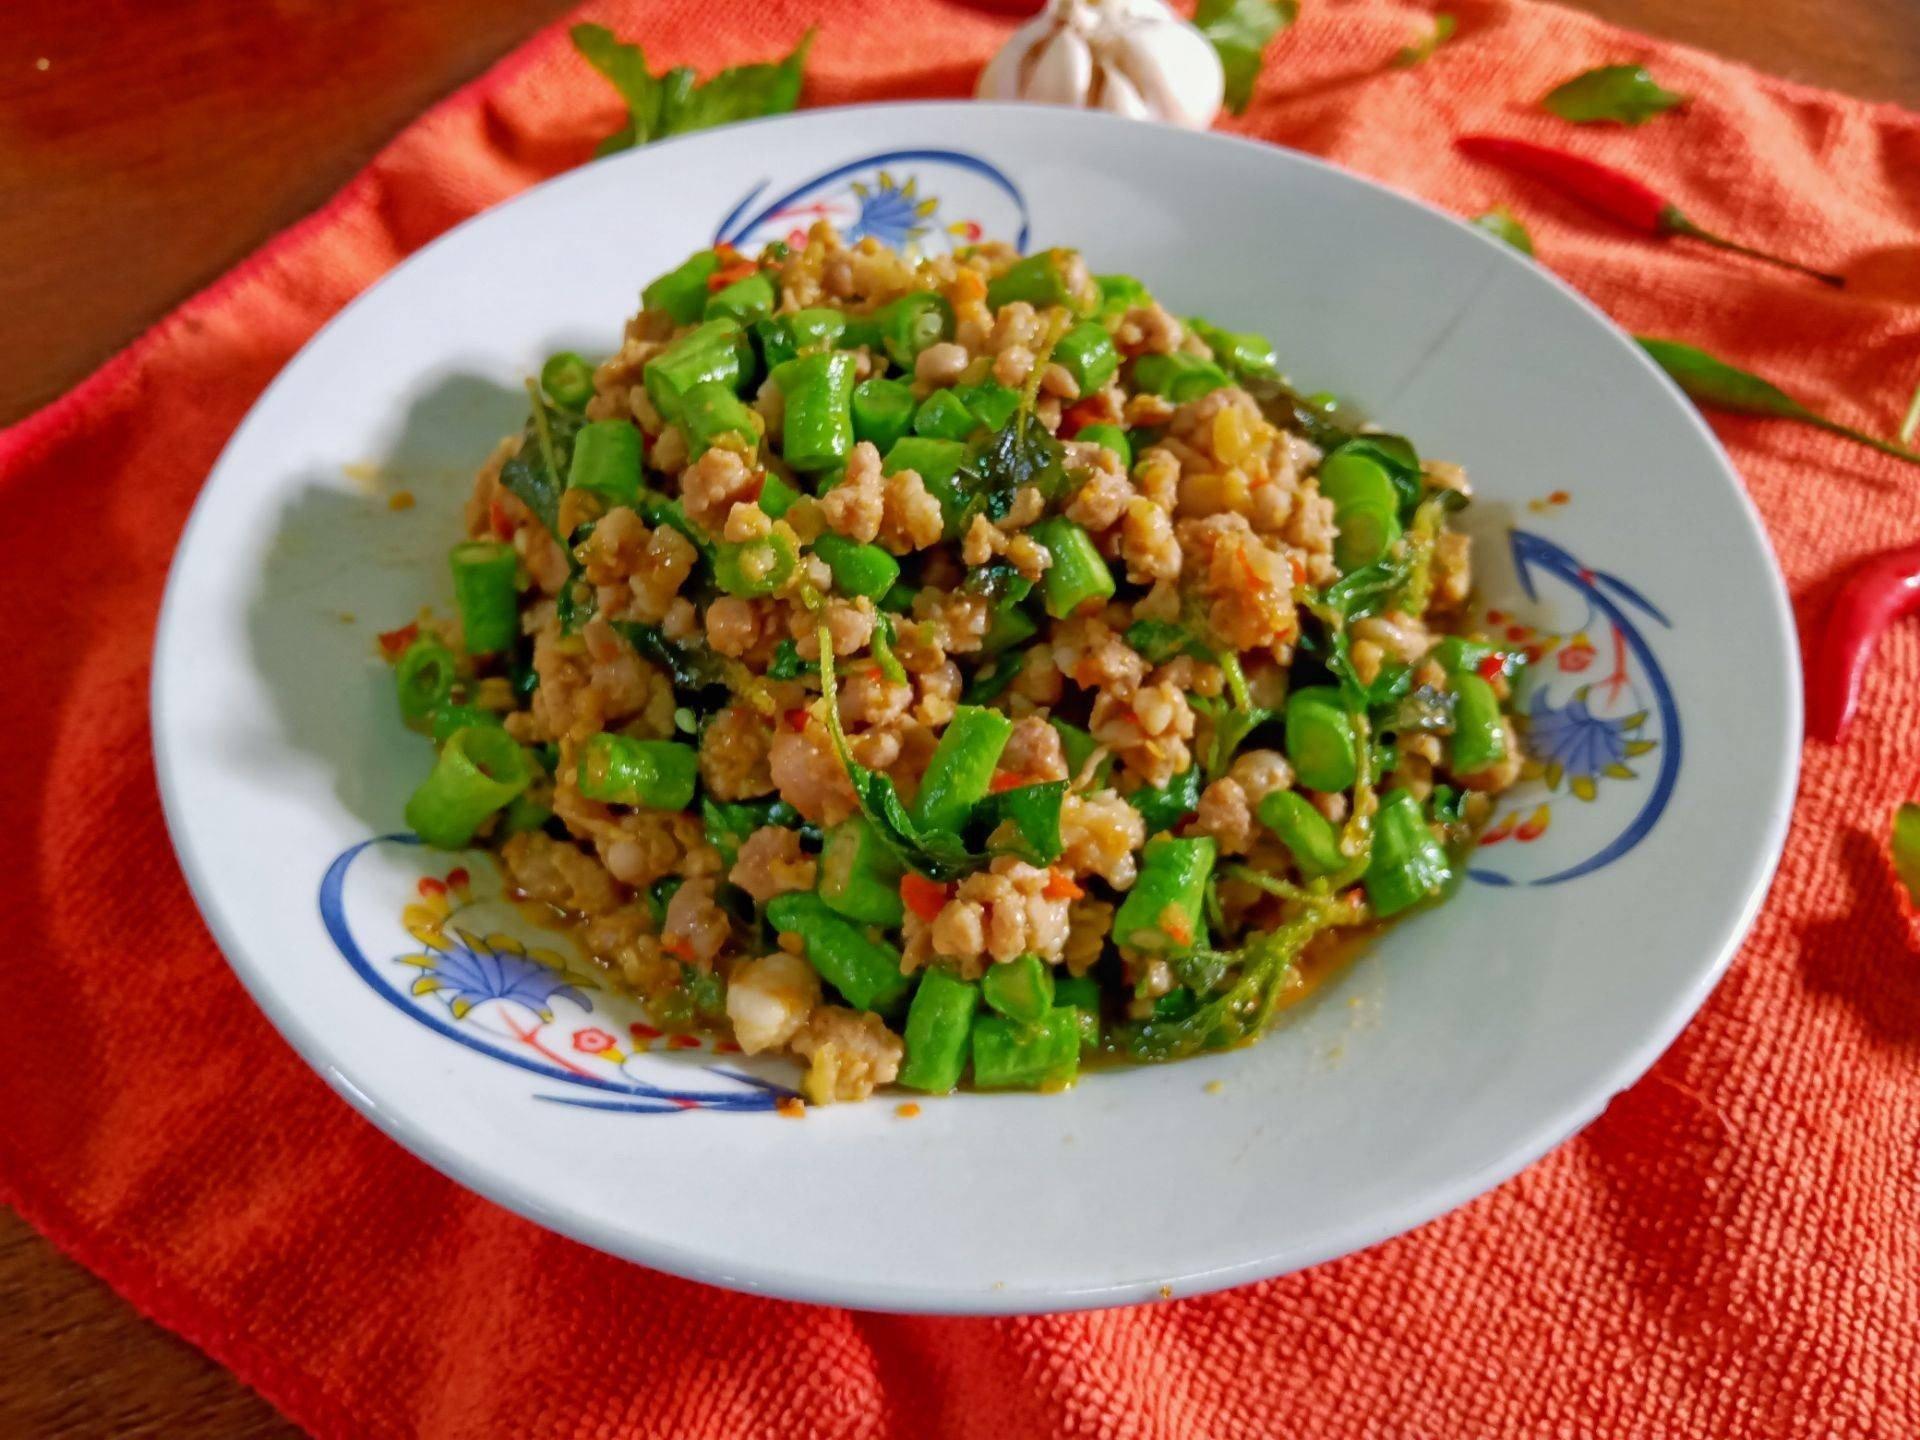 สูตร กะเพราหมูสับถั่วฝักยาว พร้อมวิธีทำโดย ℊℯℯℯ ☘︎ - Wongnai  Cooking